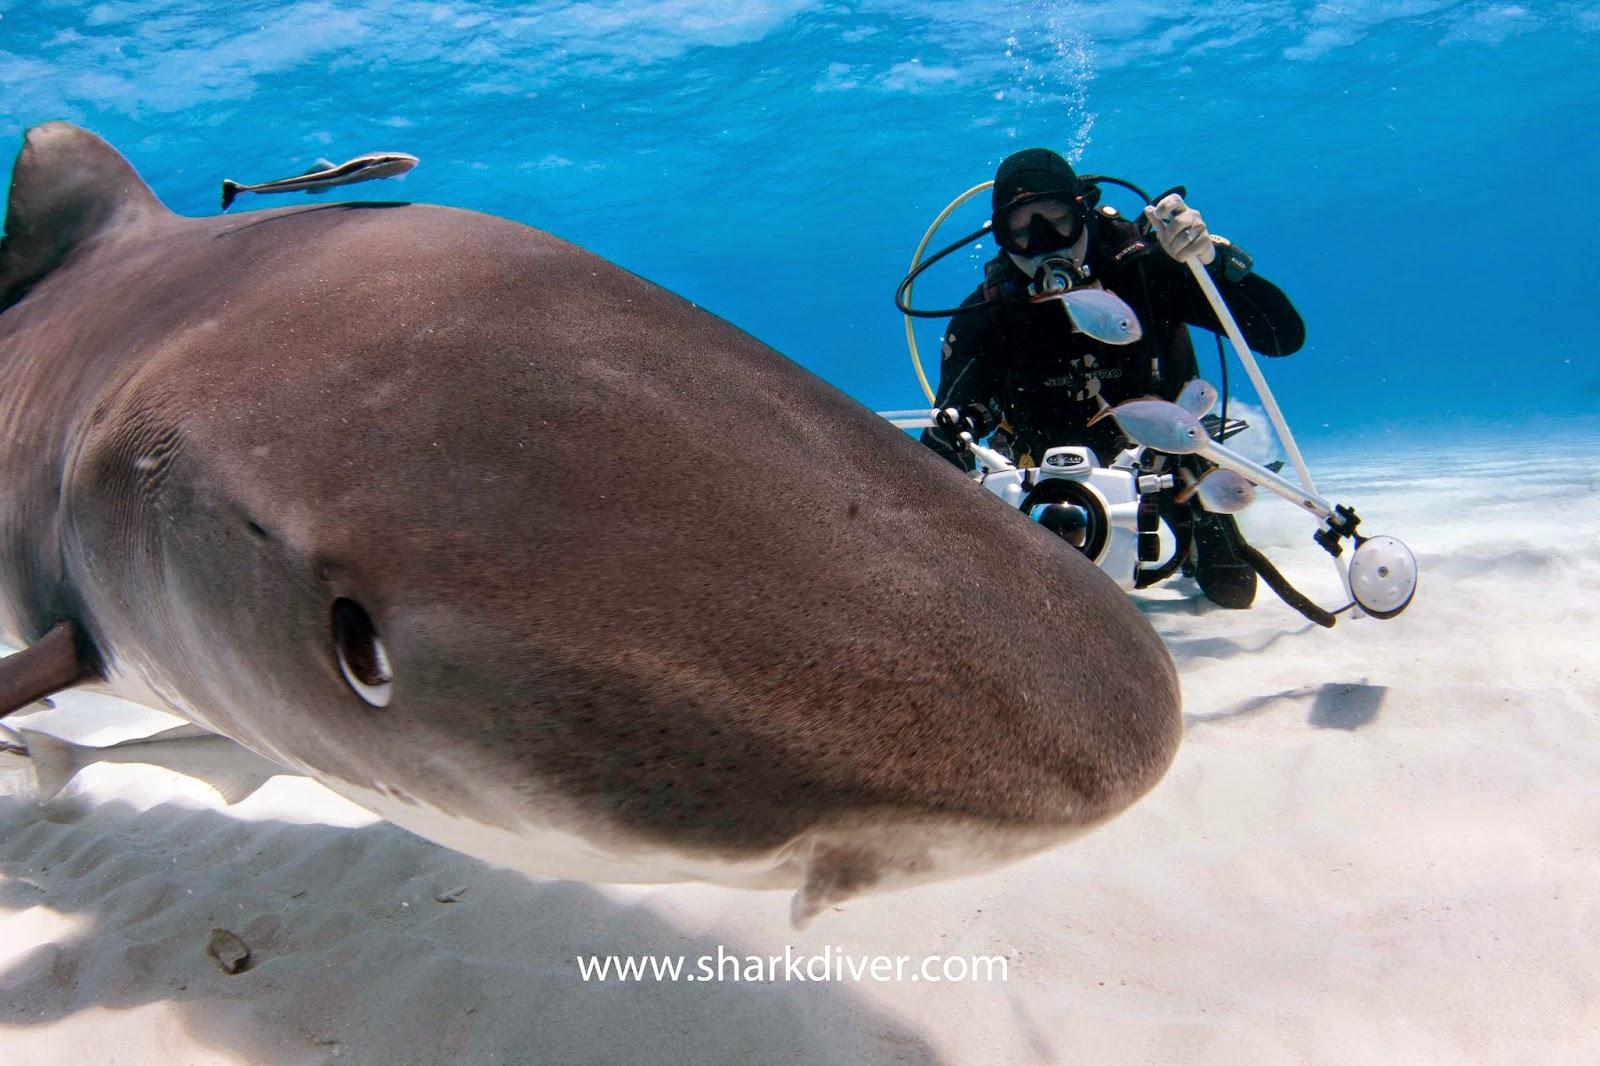 Hammerhead shark attacking diver? - SharkDiver